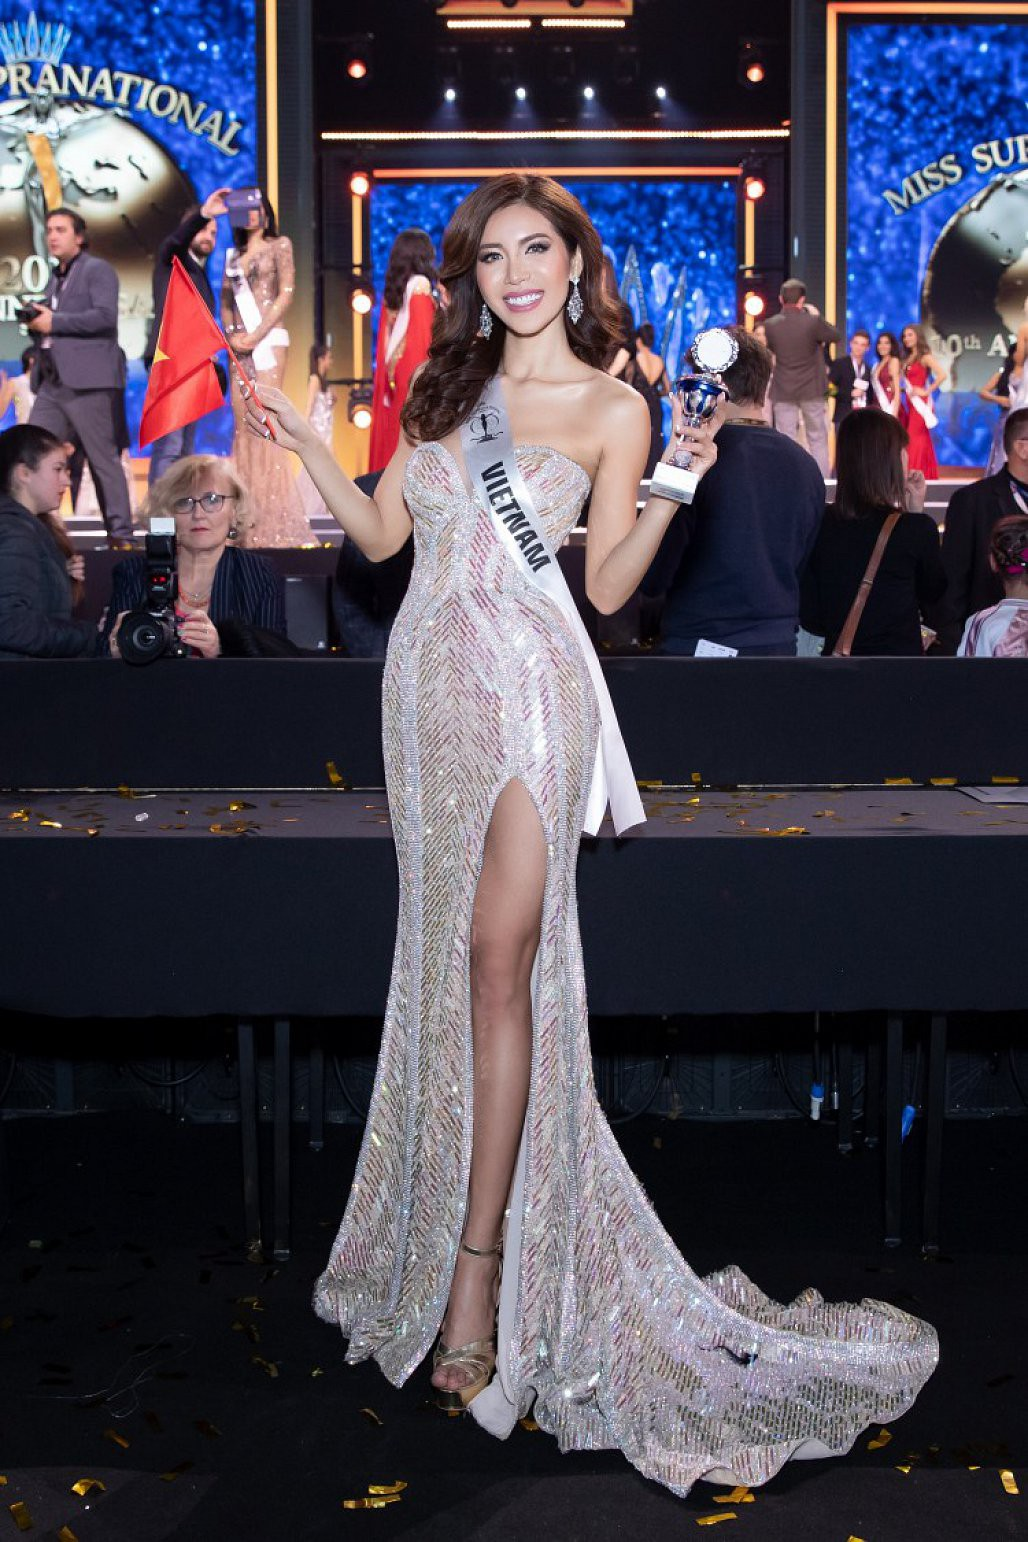 Tổng kết mùa Hoa hậu năm 2018: Những lời nguyền out top bị phá bỏ, nhan sắc Việt thăng hạng đáng tự hào! - Ảnh 7.